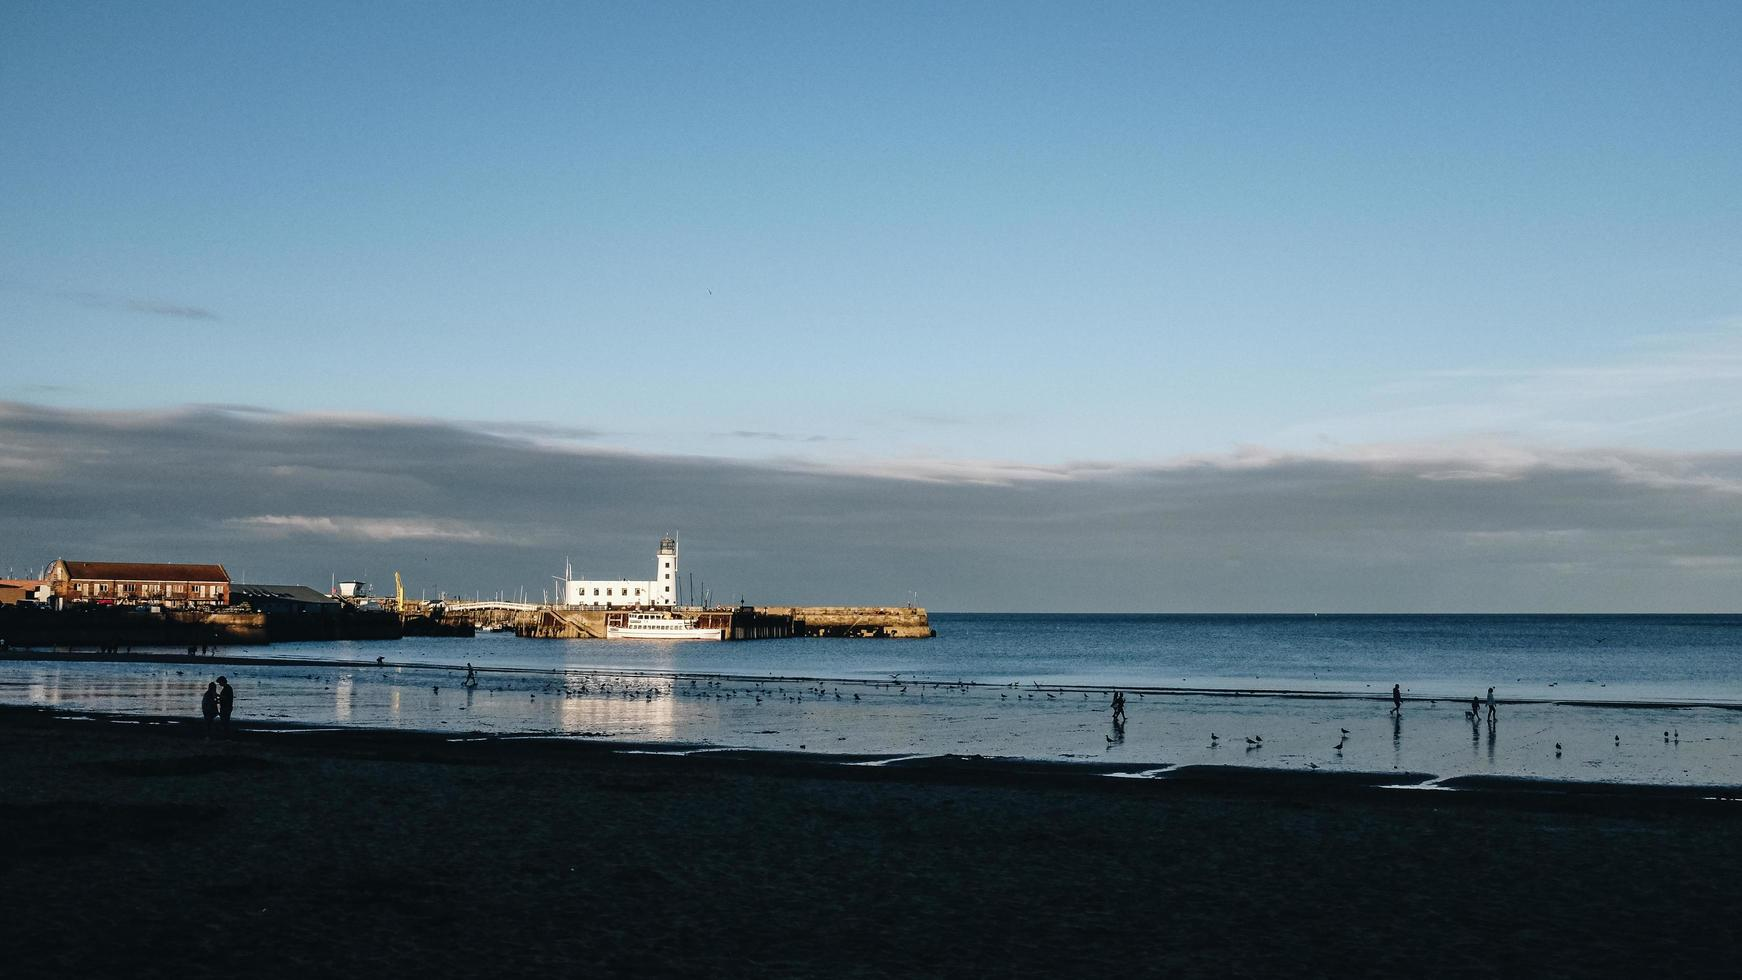 nave bianca sul mare foto